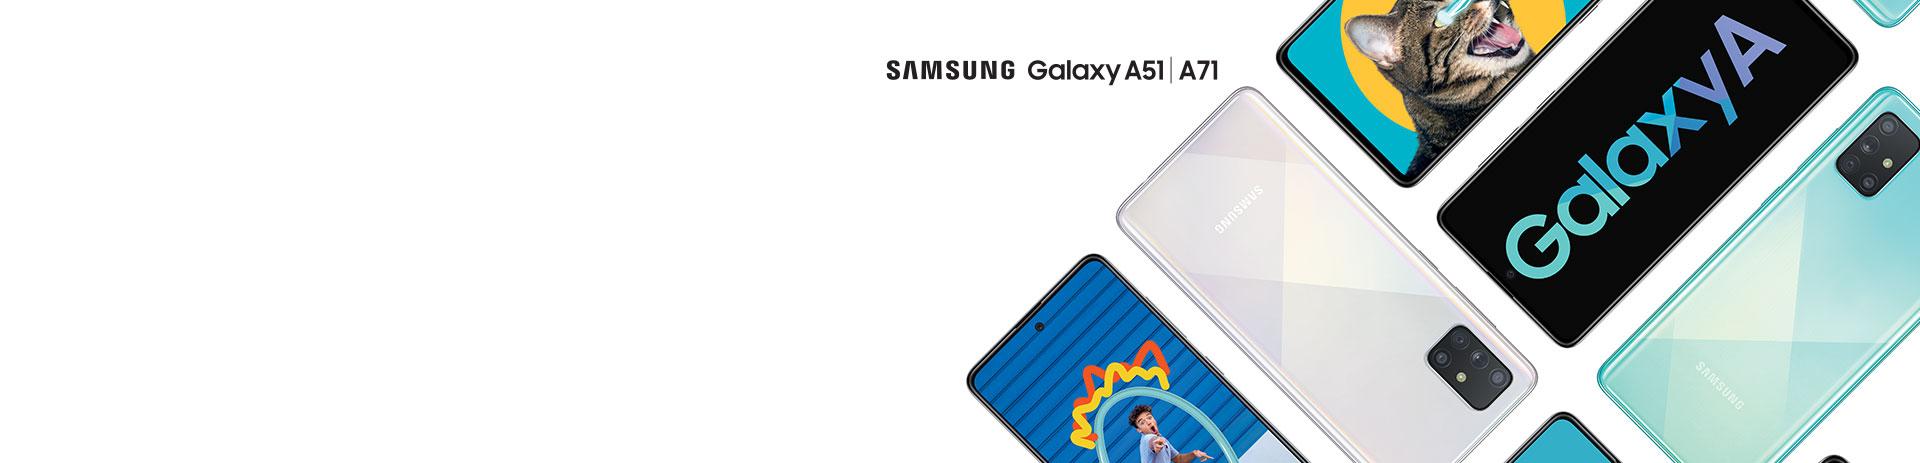 Samsung A51 und A71